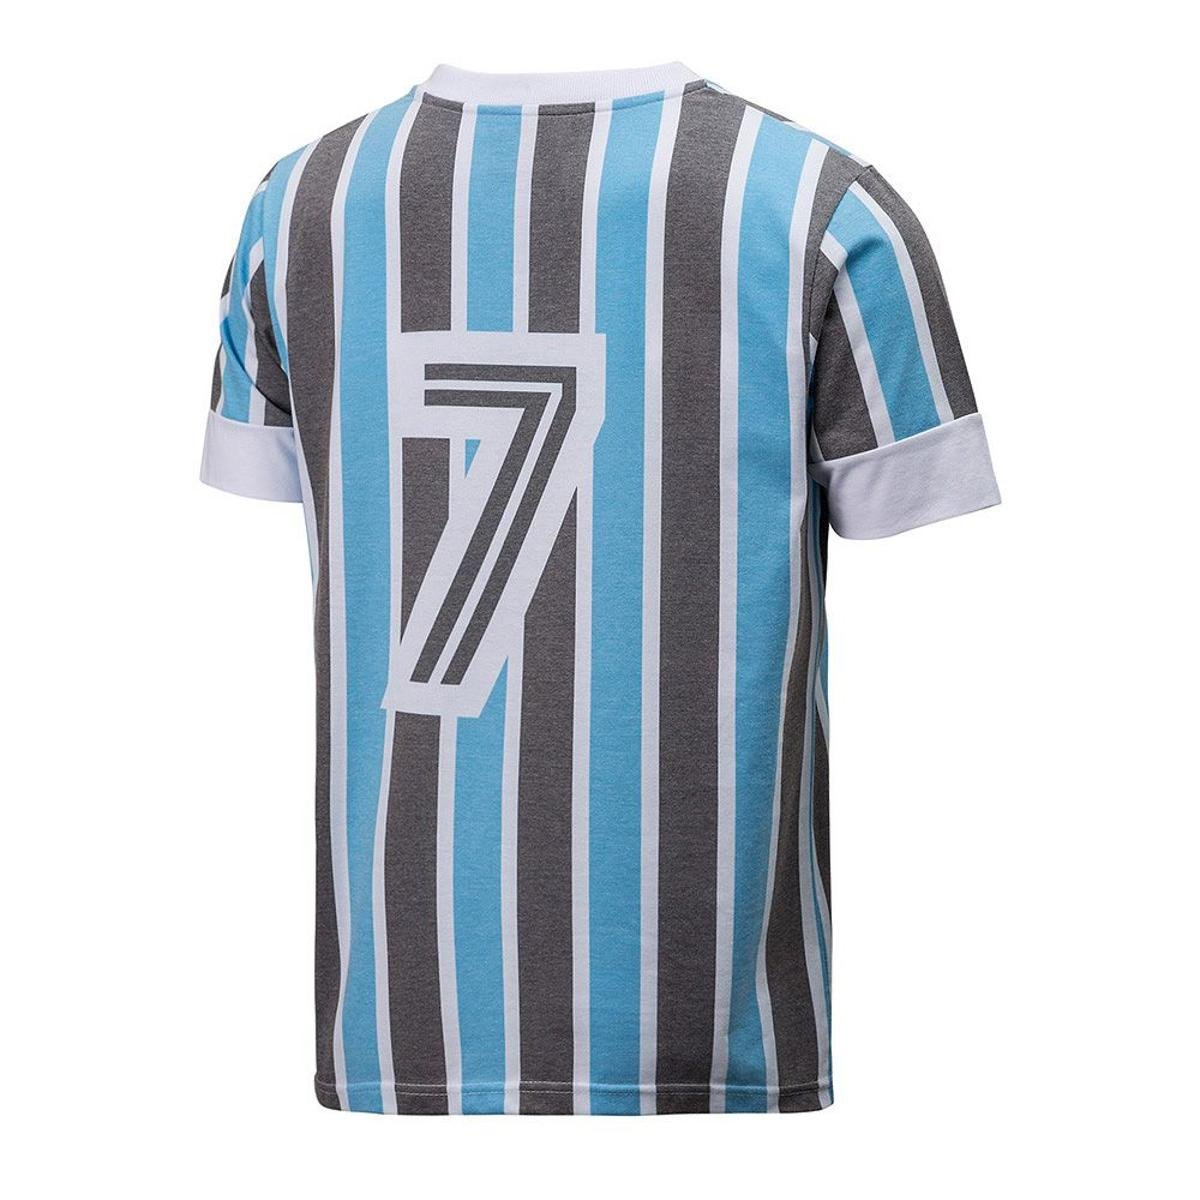 Camisa Retrô Gol Grêmio Réplica 83 Libertadores Masculina - Azul e Preto 97a4302d8198e